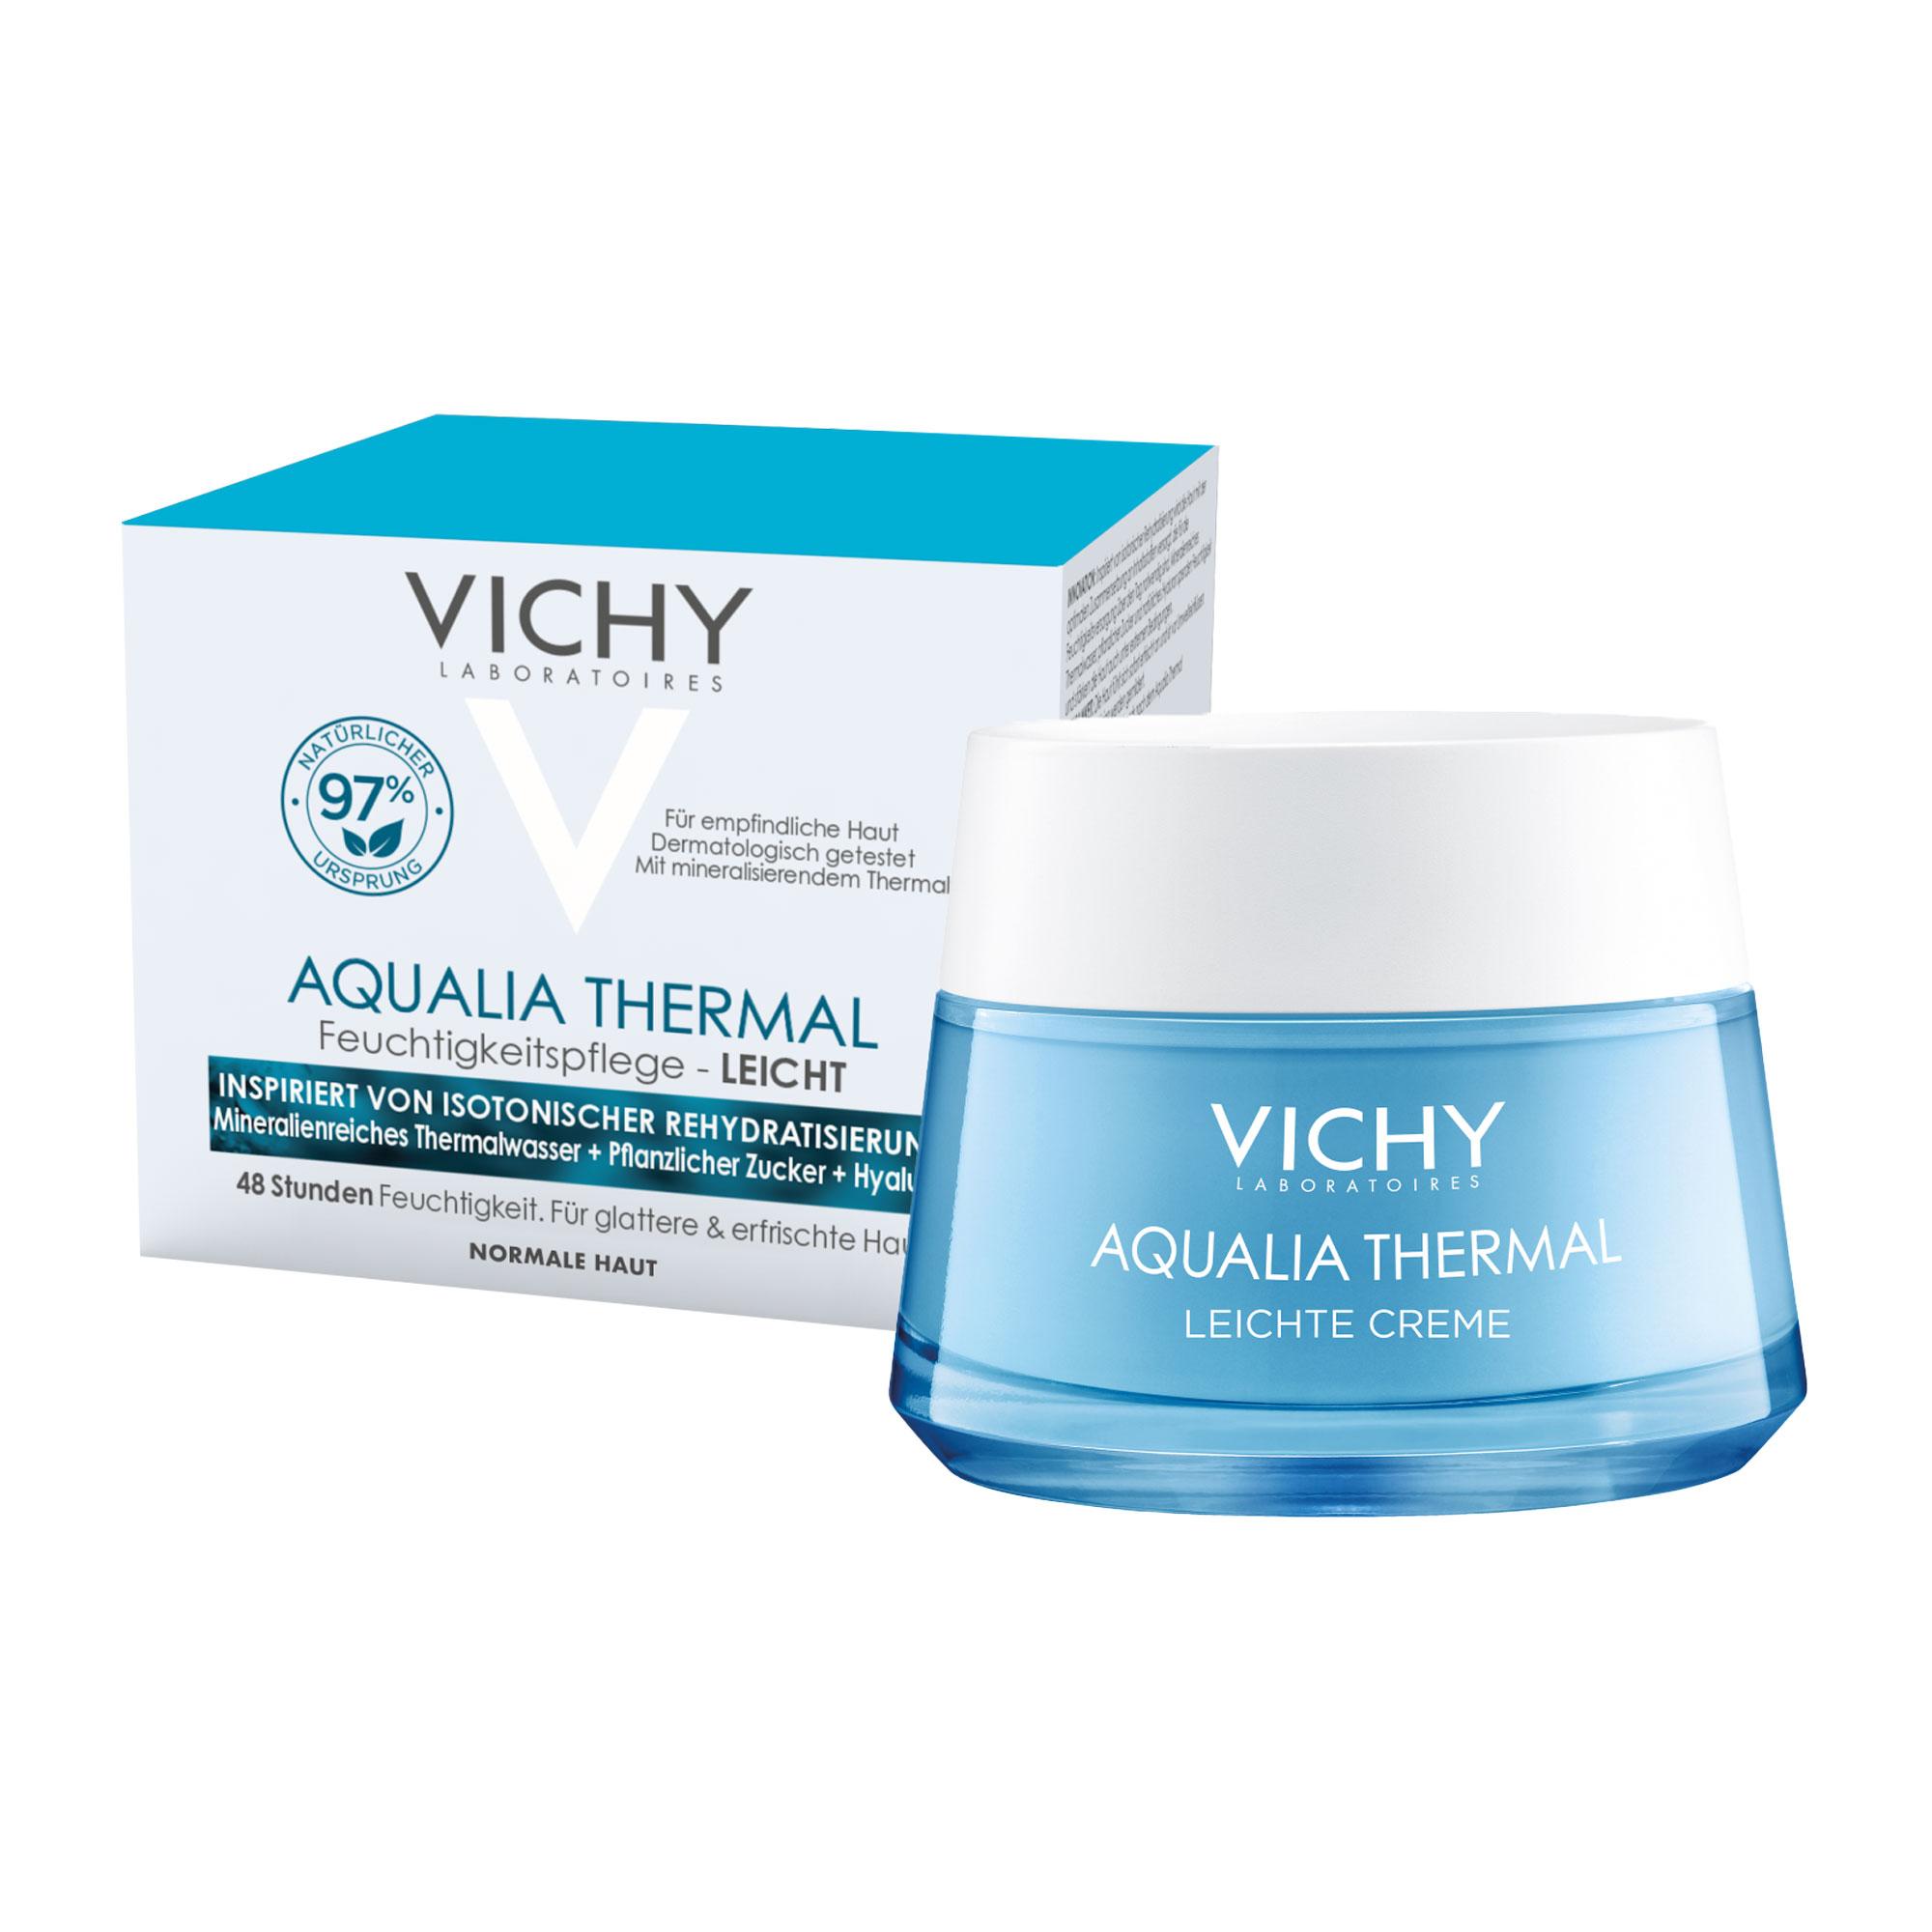 Vichy Aqualia Thermal Leichte Creme für das Gesicht